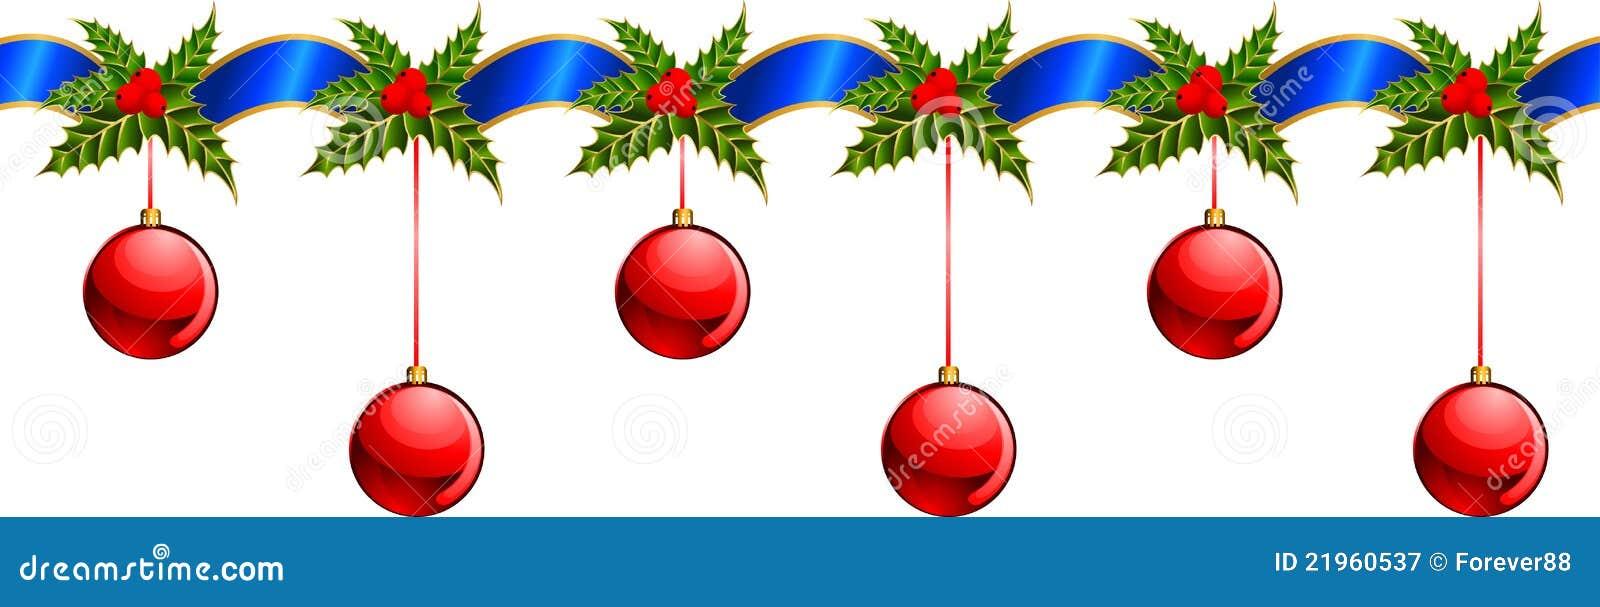 sch ne weihnachtsgirlande vektor abbildung bild von gr n. Black Bedroom Furniture Sets. Home Design Ideas